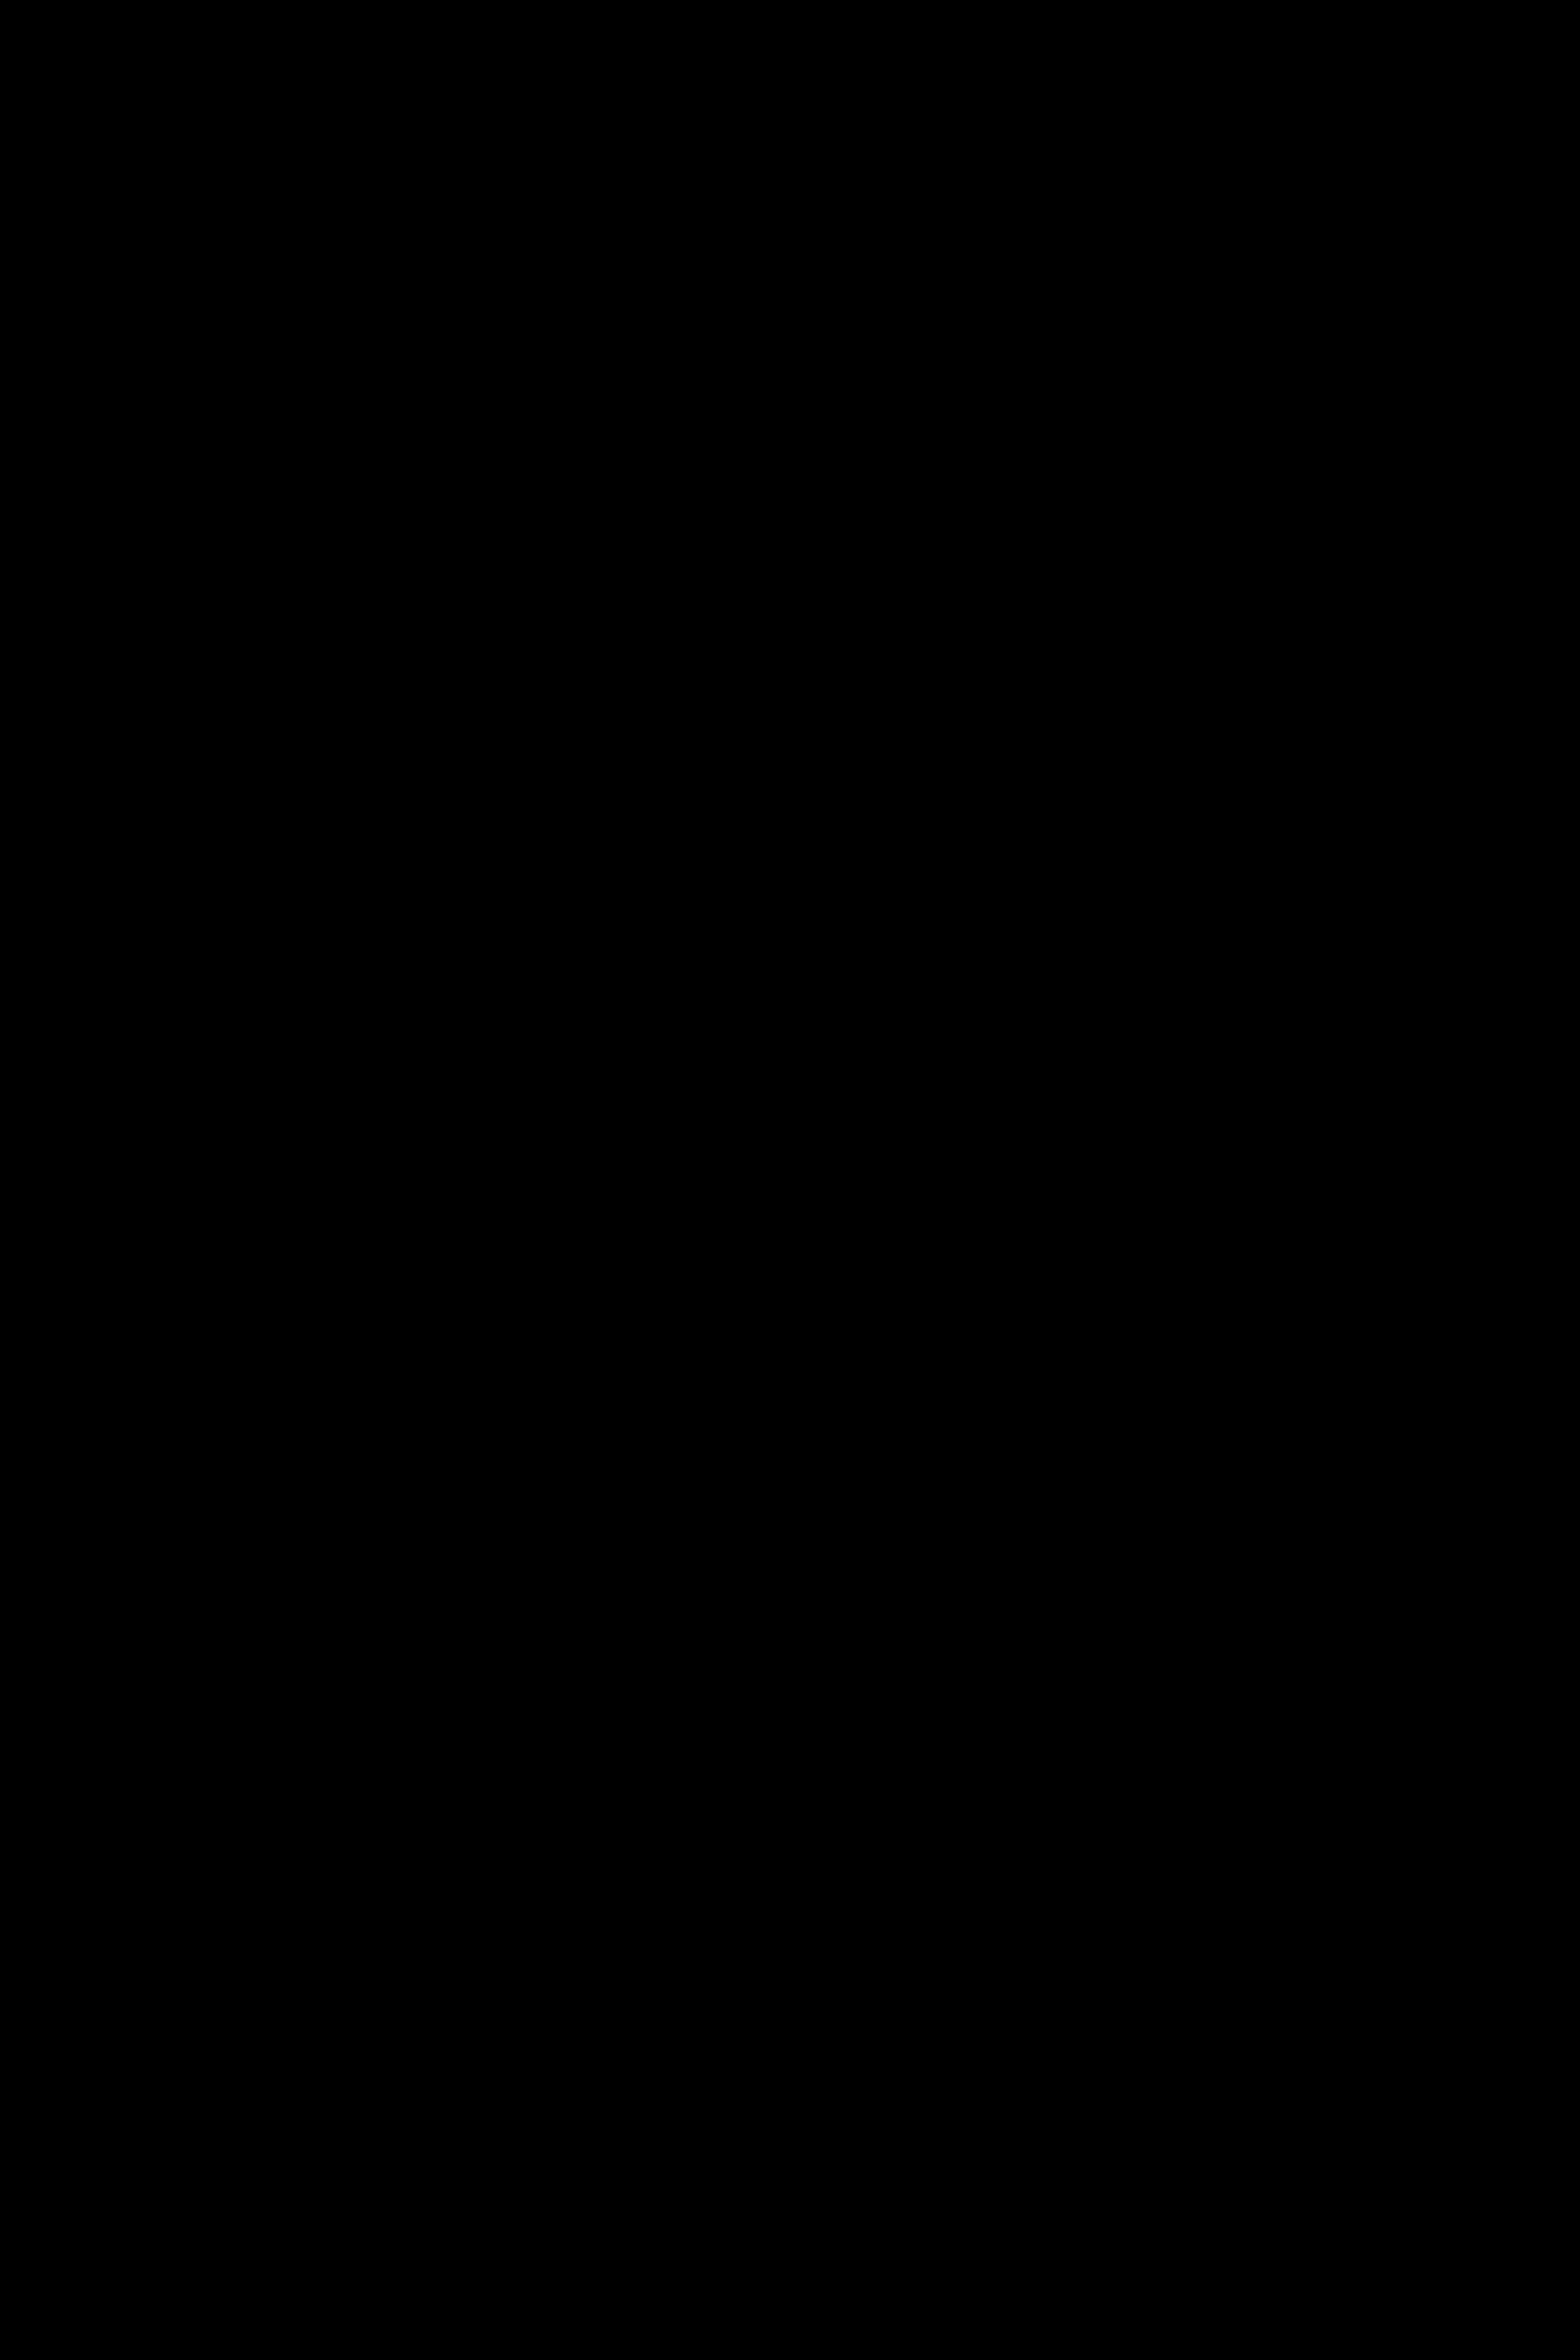 Food4Fines